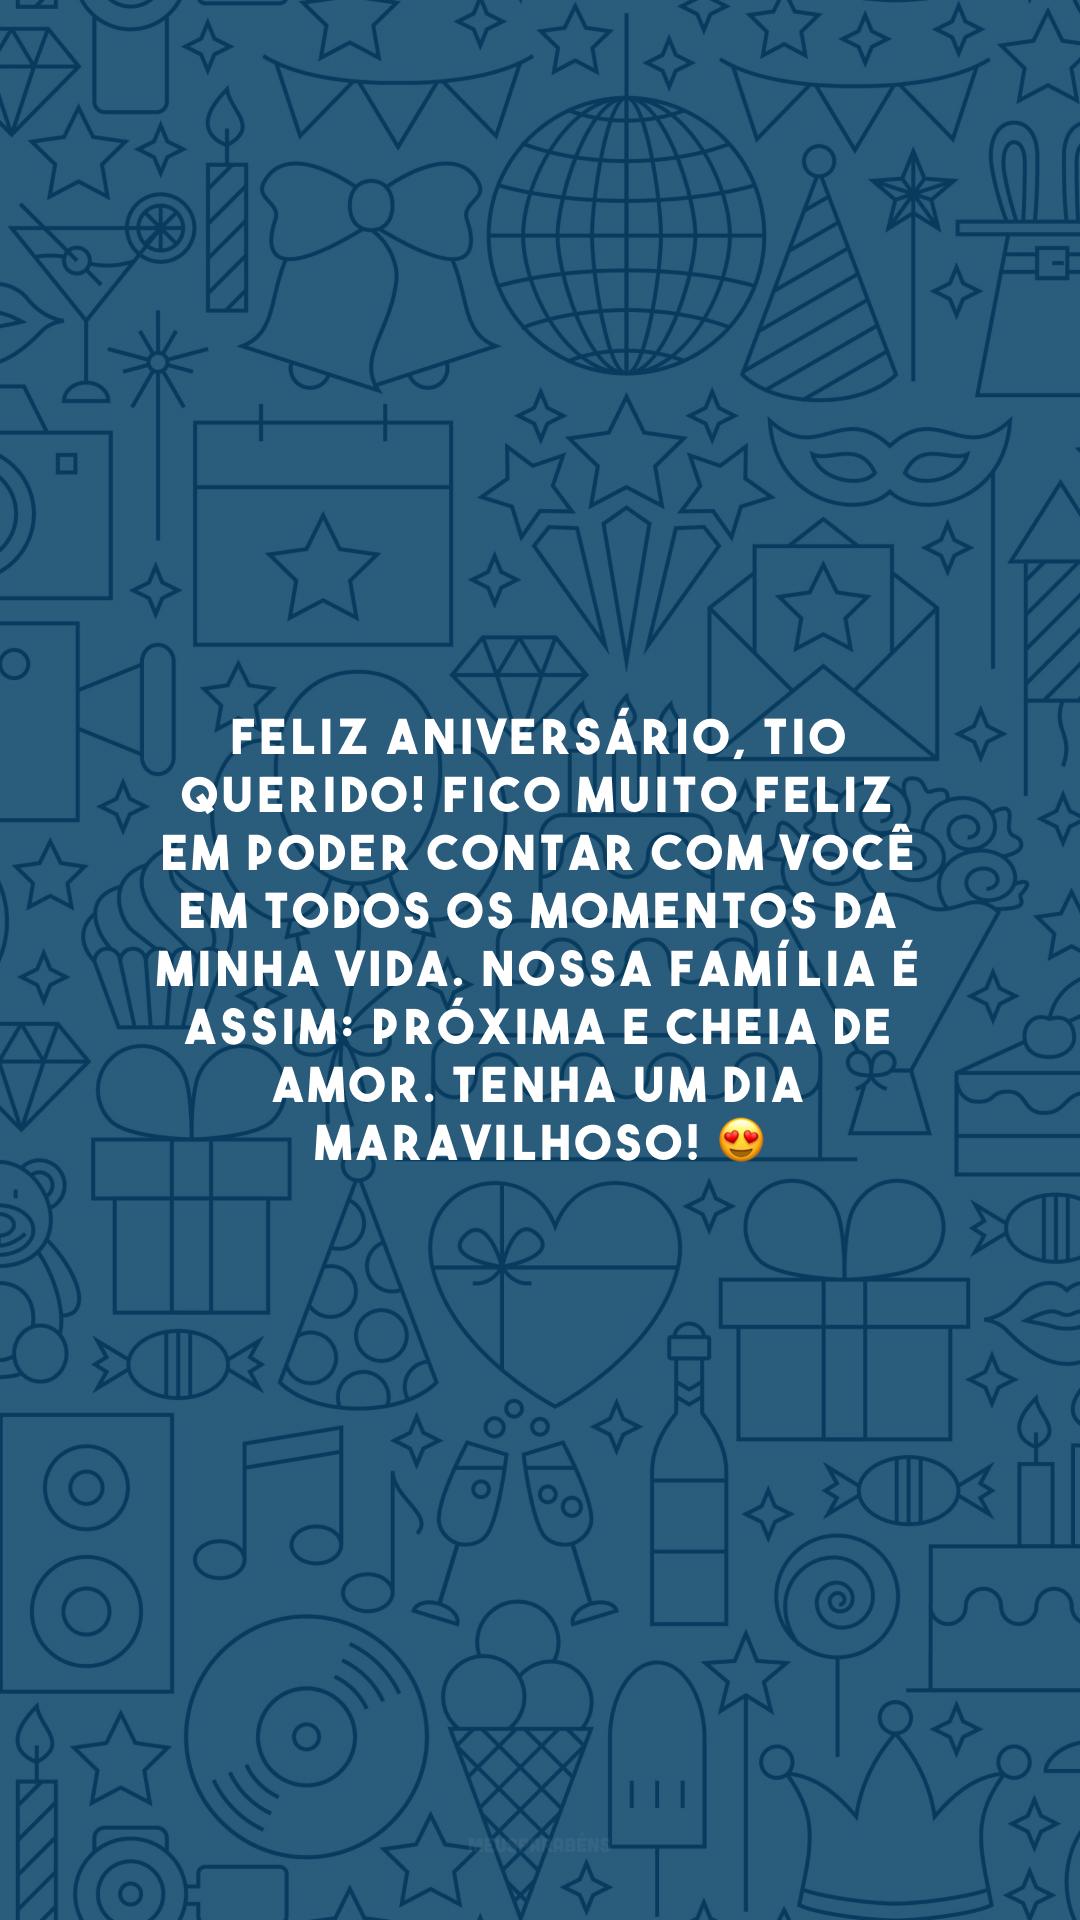 Feliz aniversário, tio querido! Fico muito feliz em poder contar com você em todos os momentos da minha vida. Nossa família é assim: próxima e cheia de amor. Tenha um dia maravilhoso! 😍